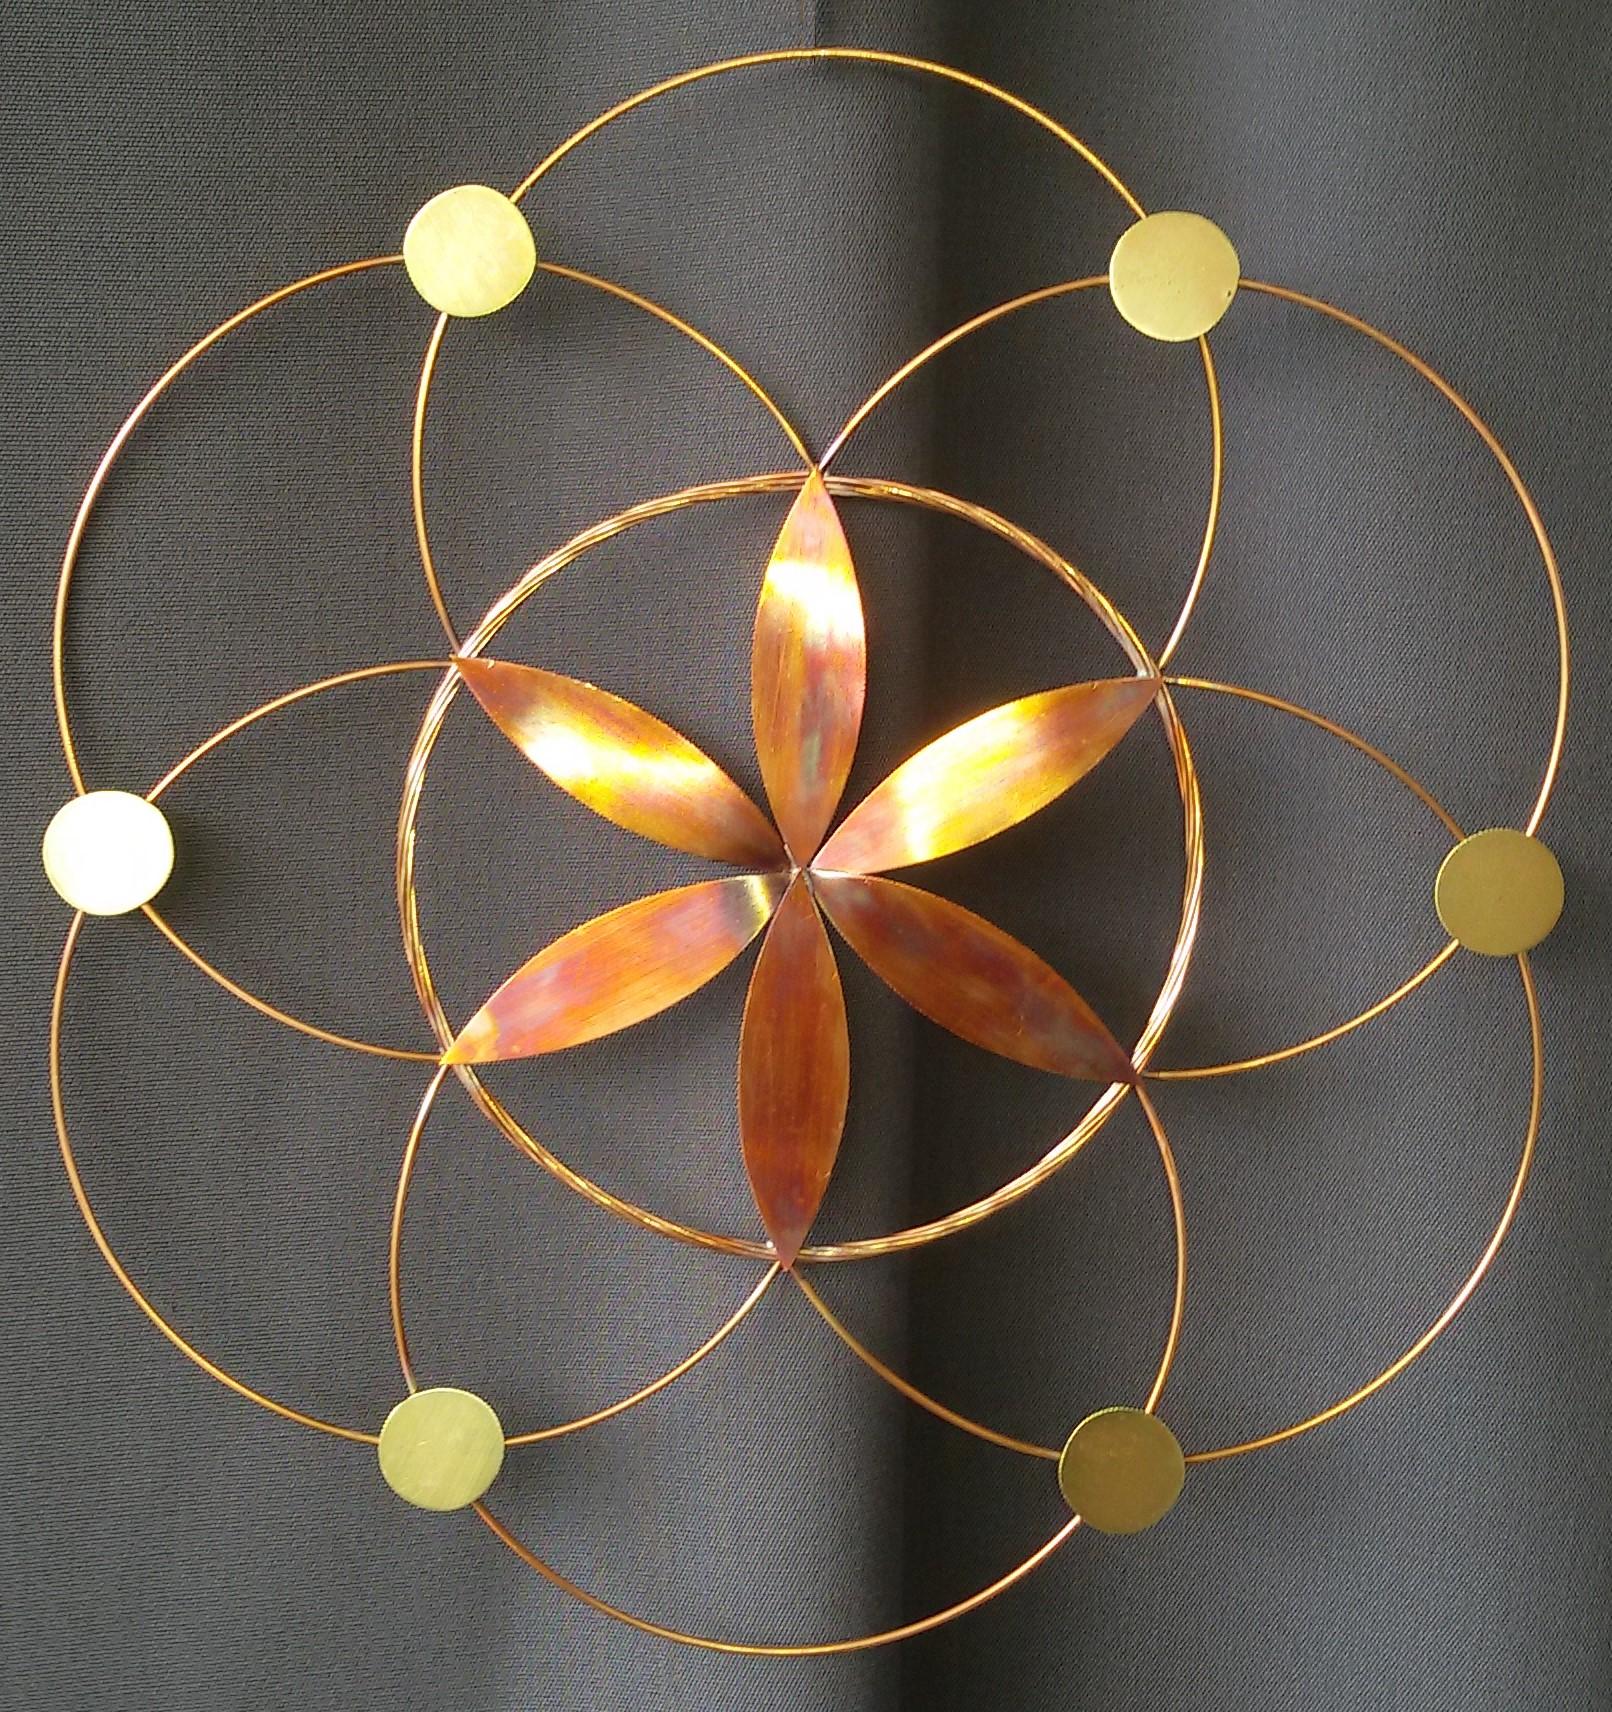 création artisanale décoration, création vibratoire, graine de vie